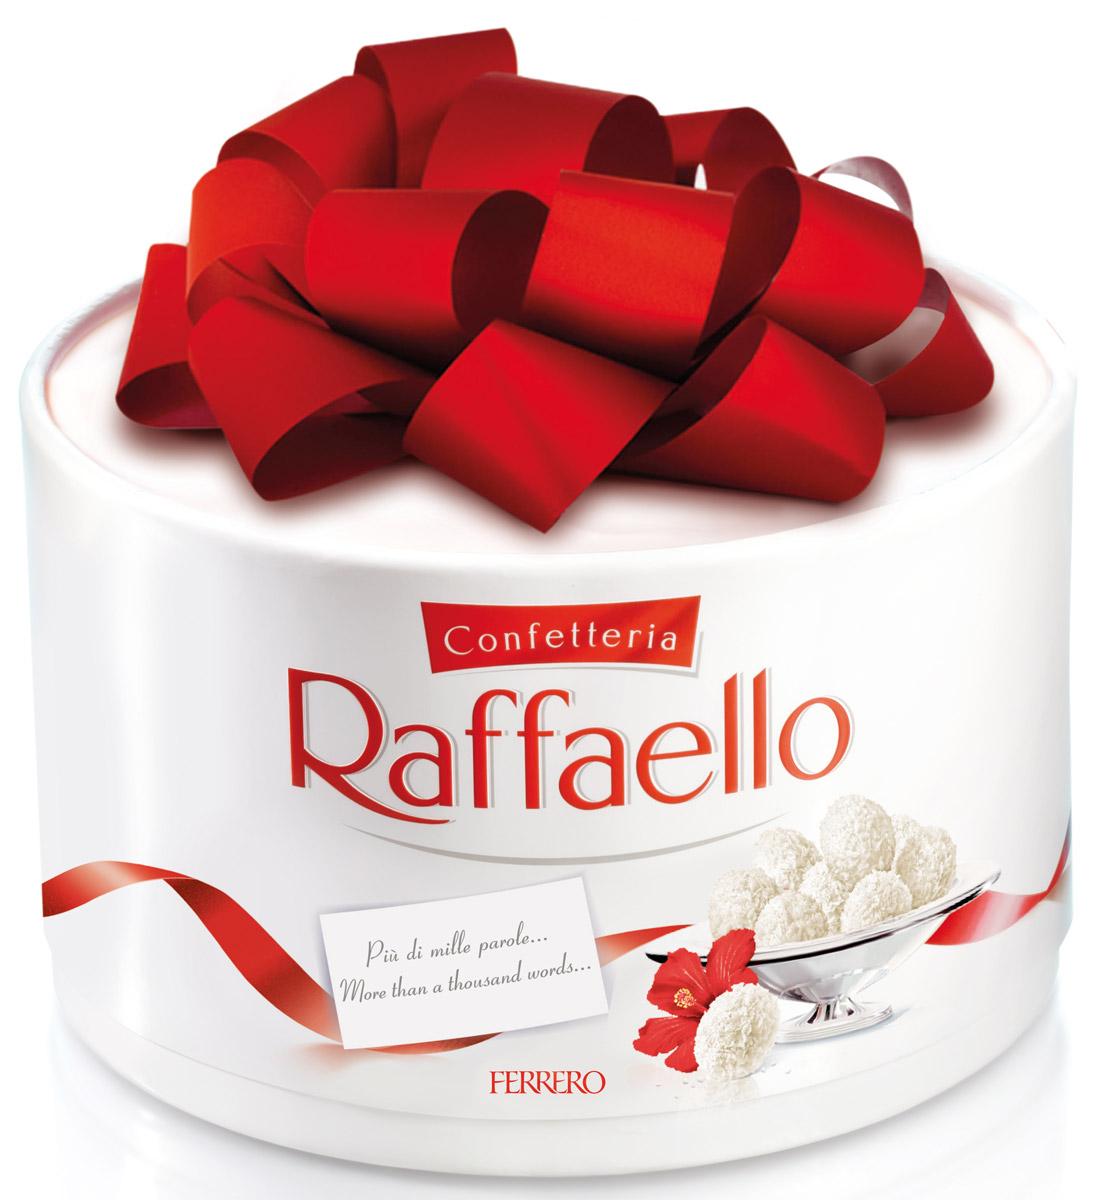 Raffaello конфеты с цельным миндальным орехом в кокосовой обсыпке, 600 г0120710Конфеты Рафаэлло с цельным миндальным орехом в кокосовой обсыпке.